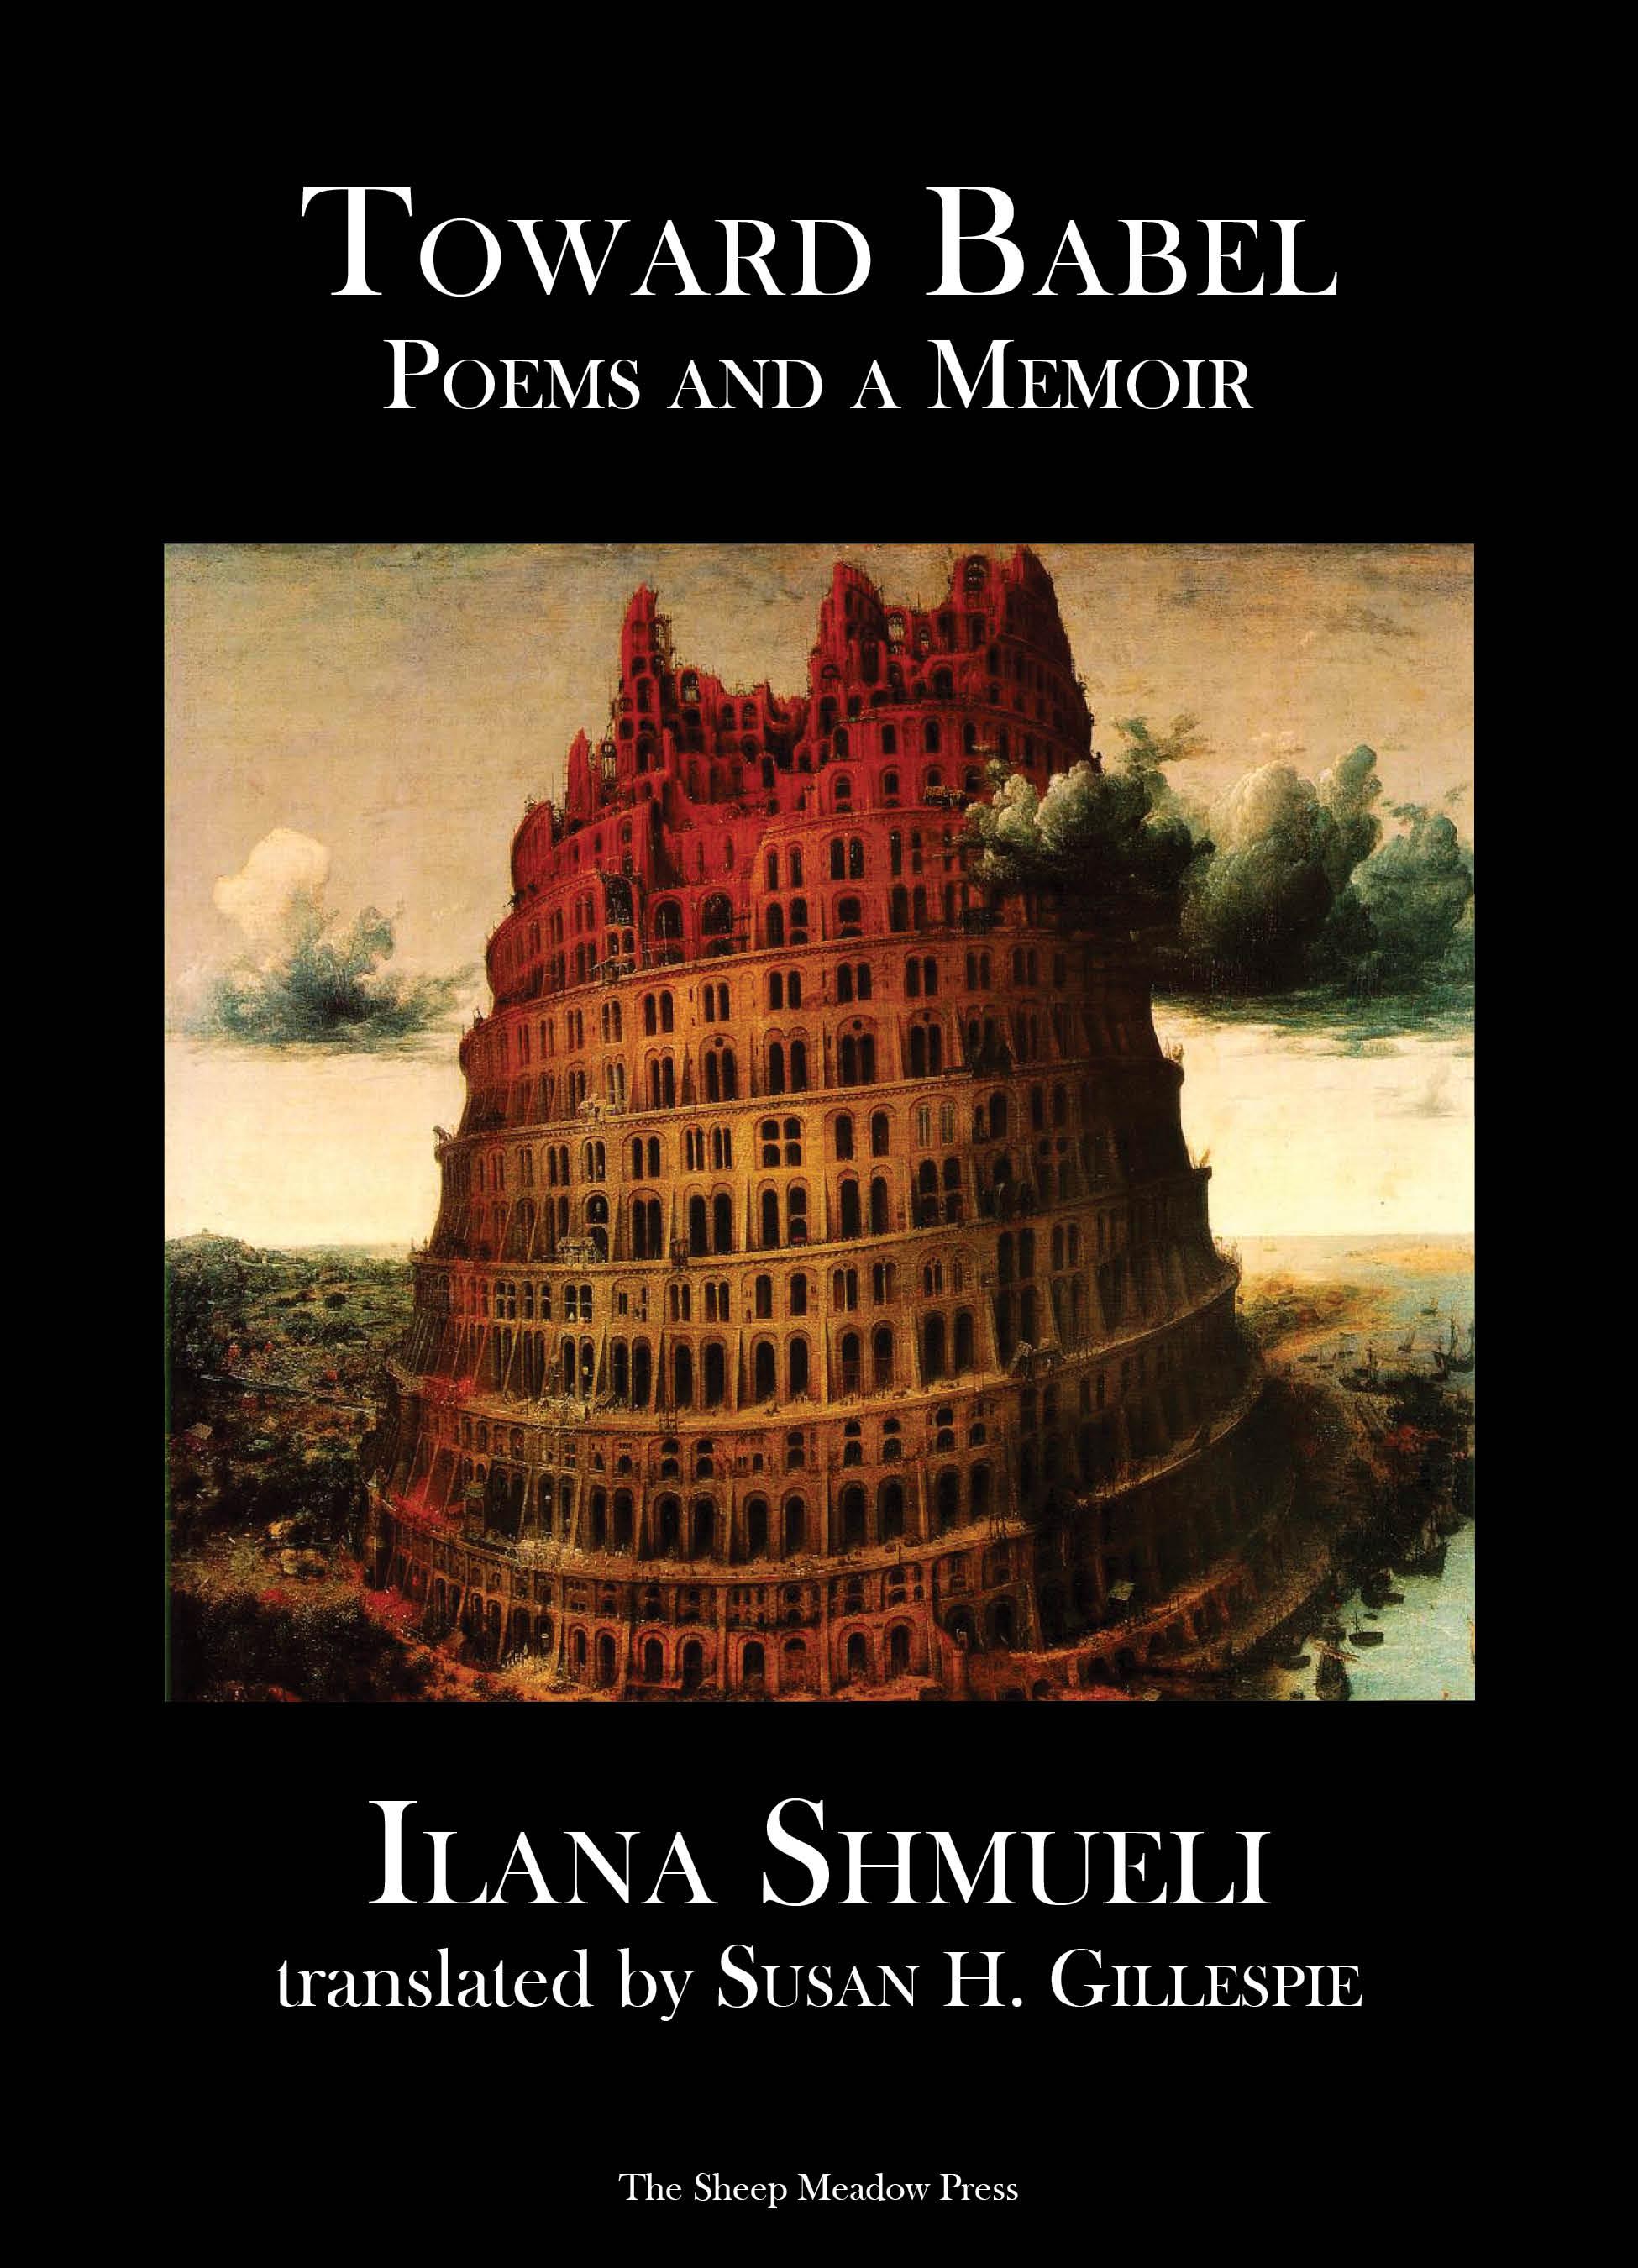 Shmueli_Toward Babel.jpg